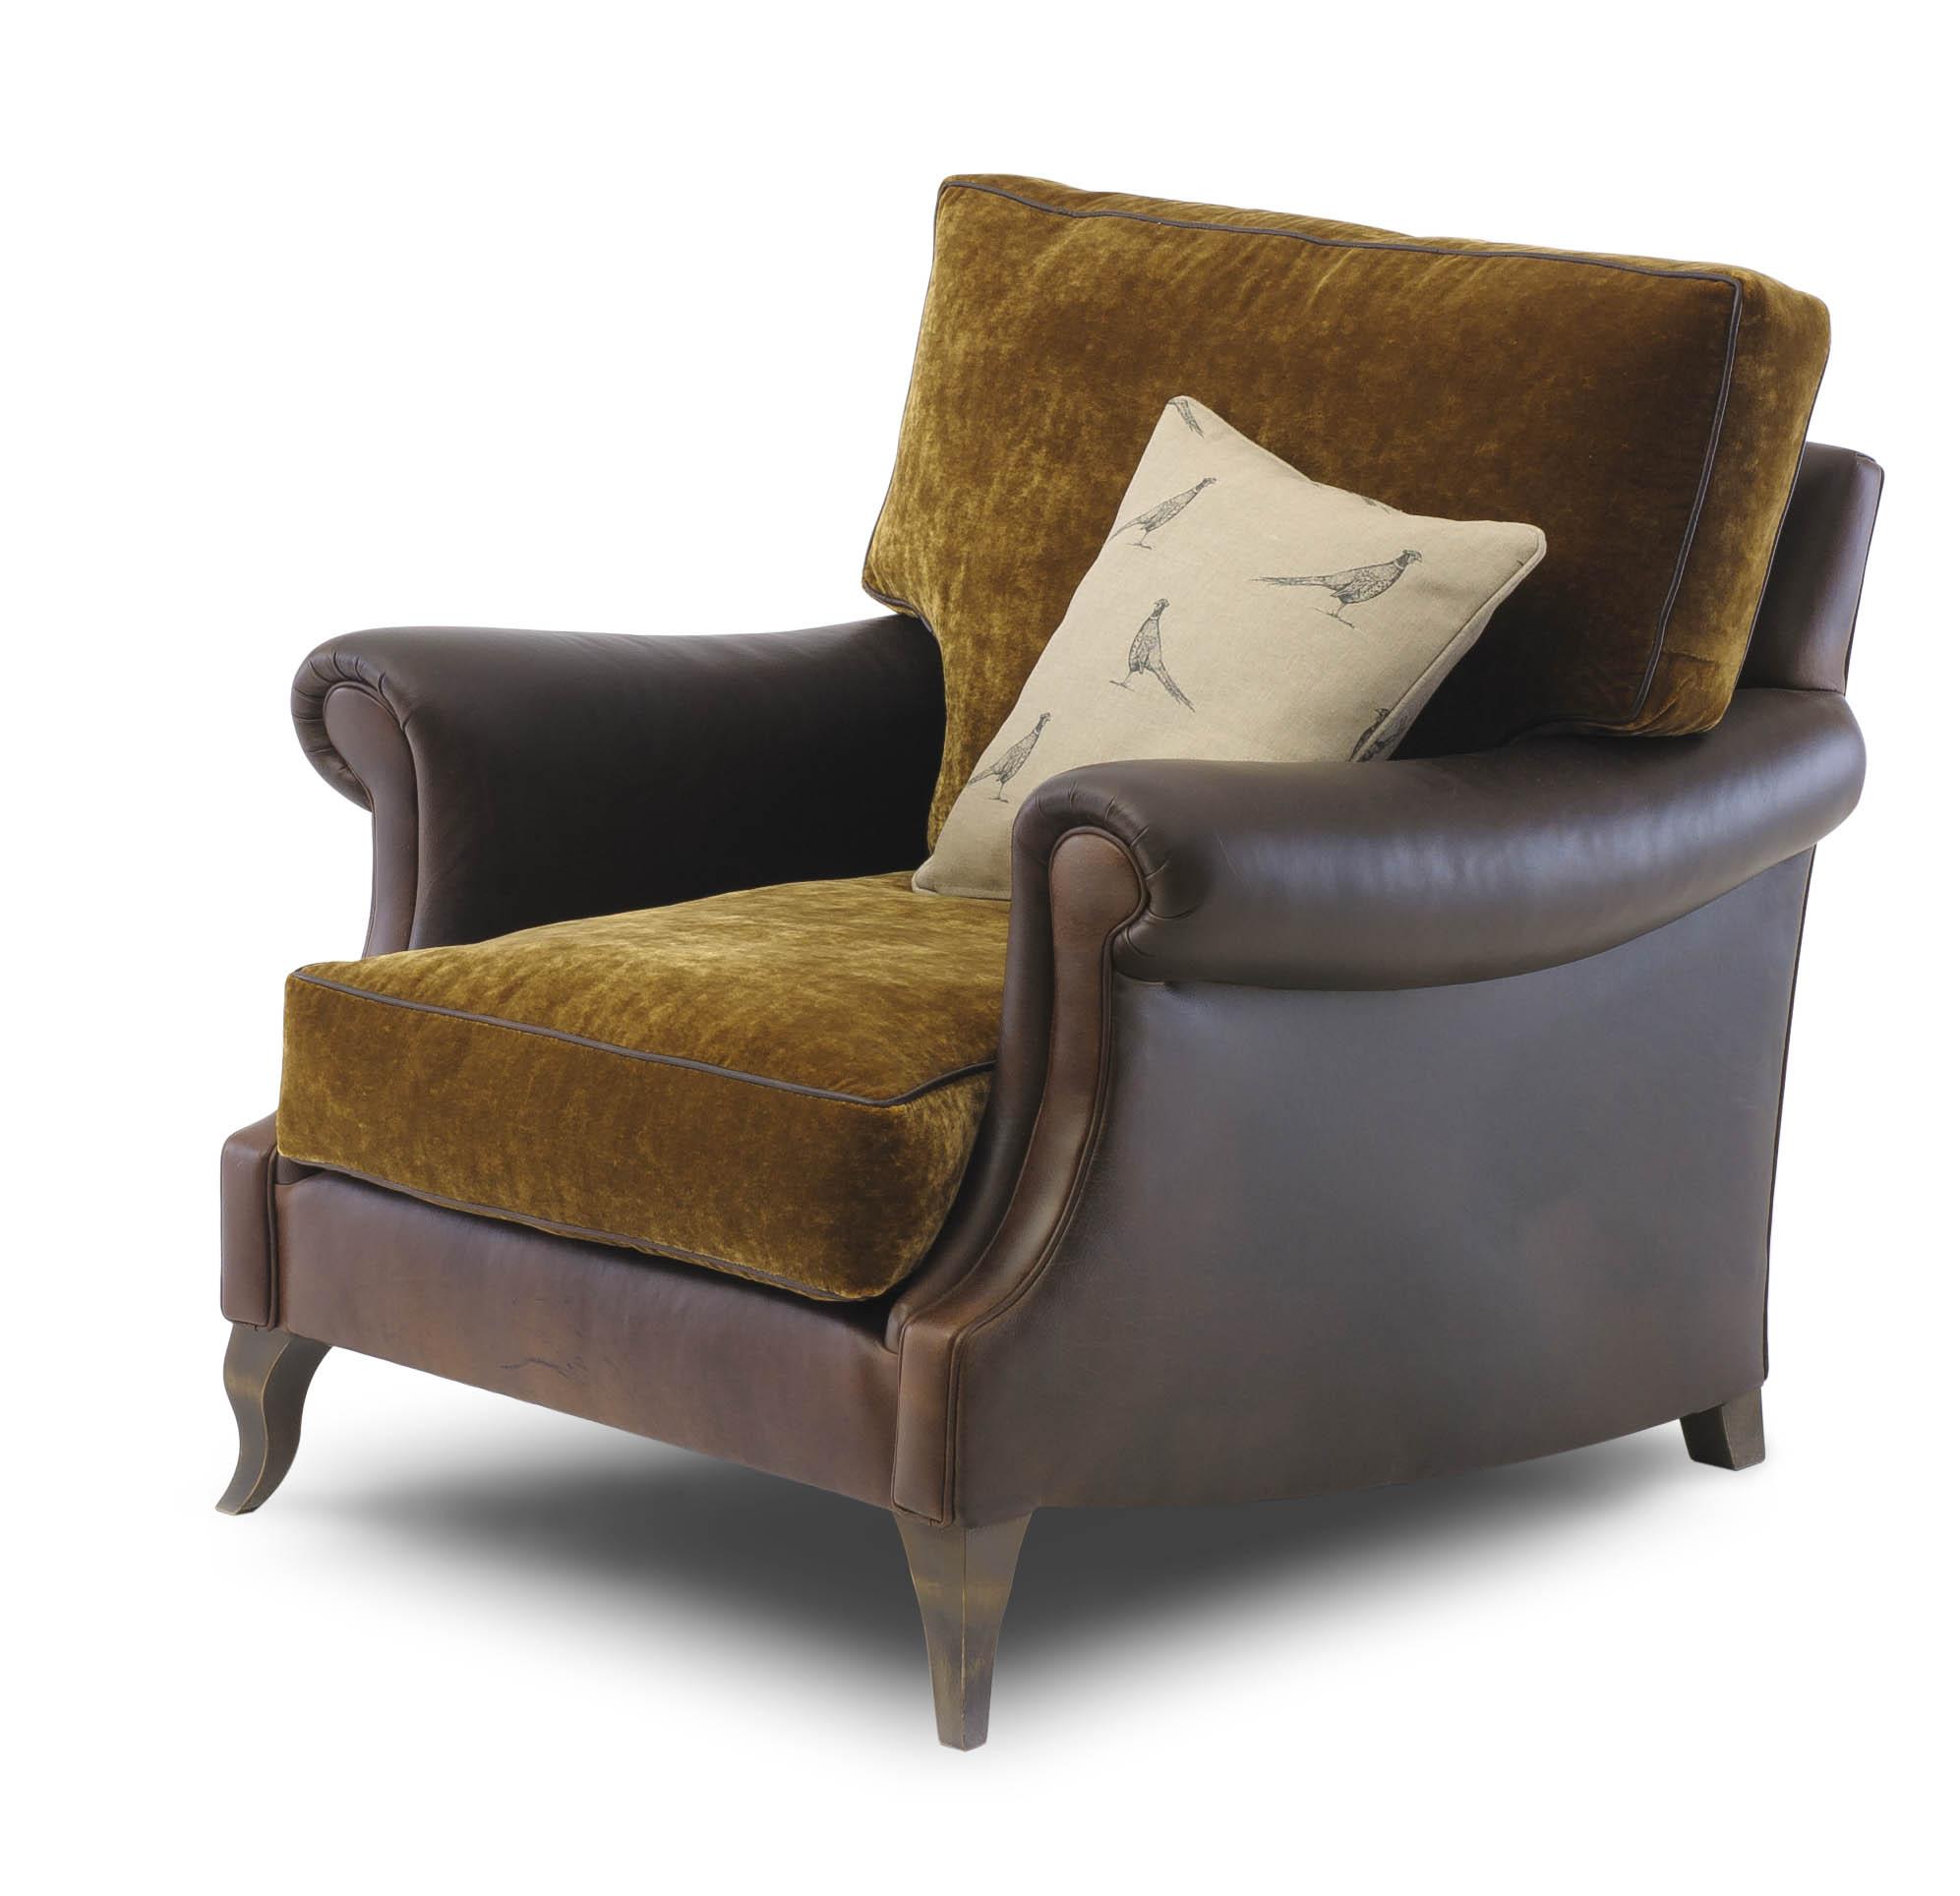 Cleeve 3st Sofa & Earlswood chair & Stool-171.jpg